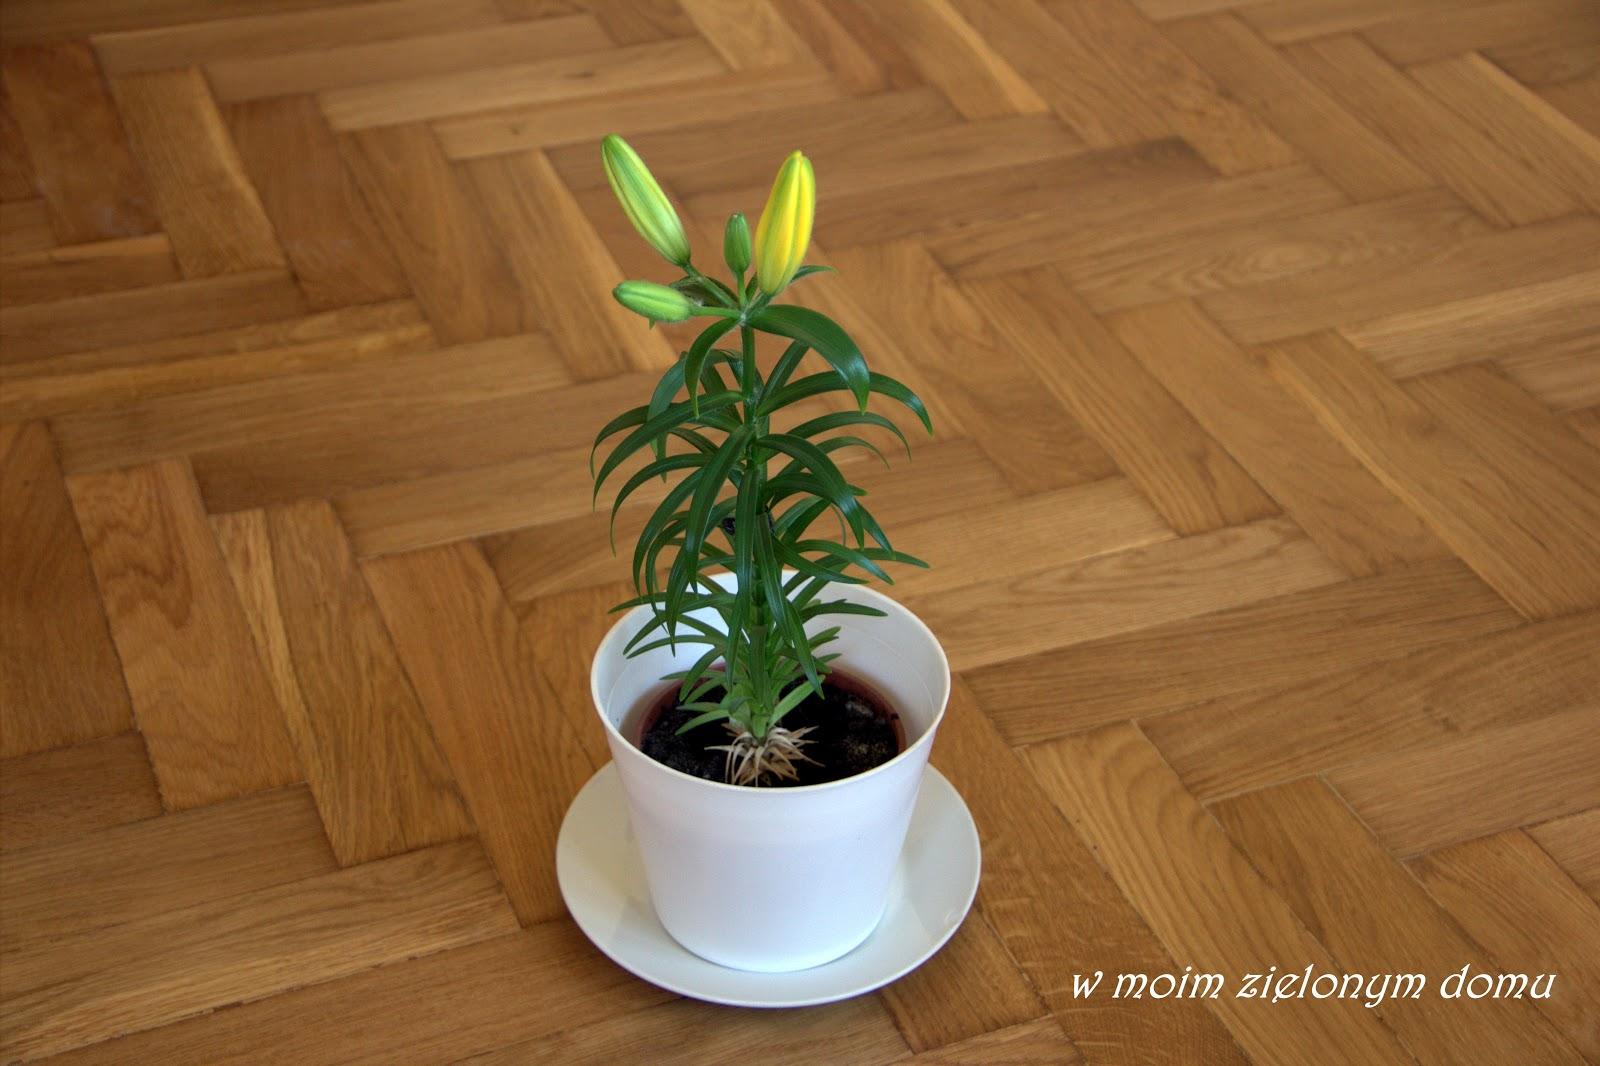 W Moim Zielonym Domu Lilia Karłowata Cebulki Kwiatowe